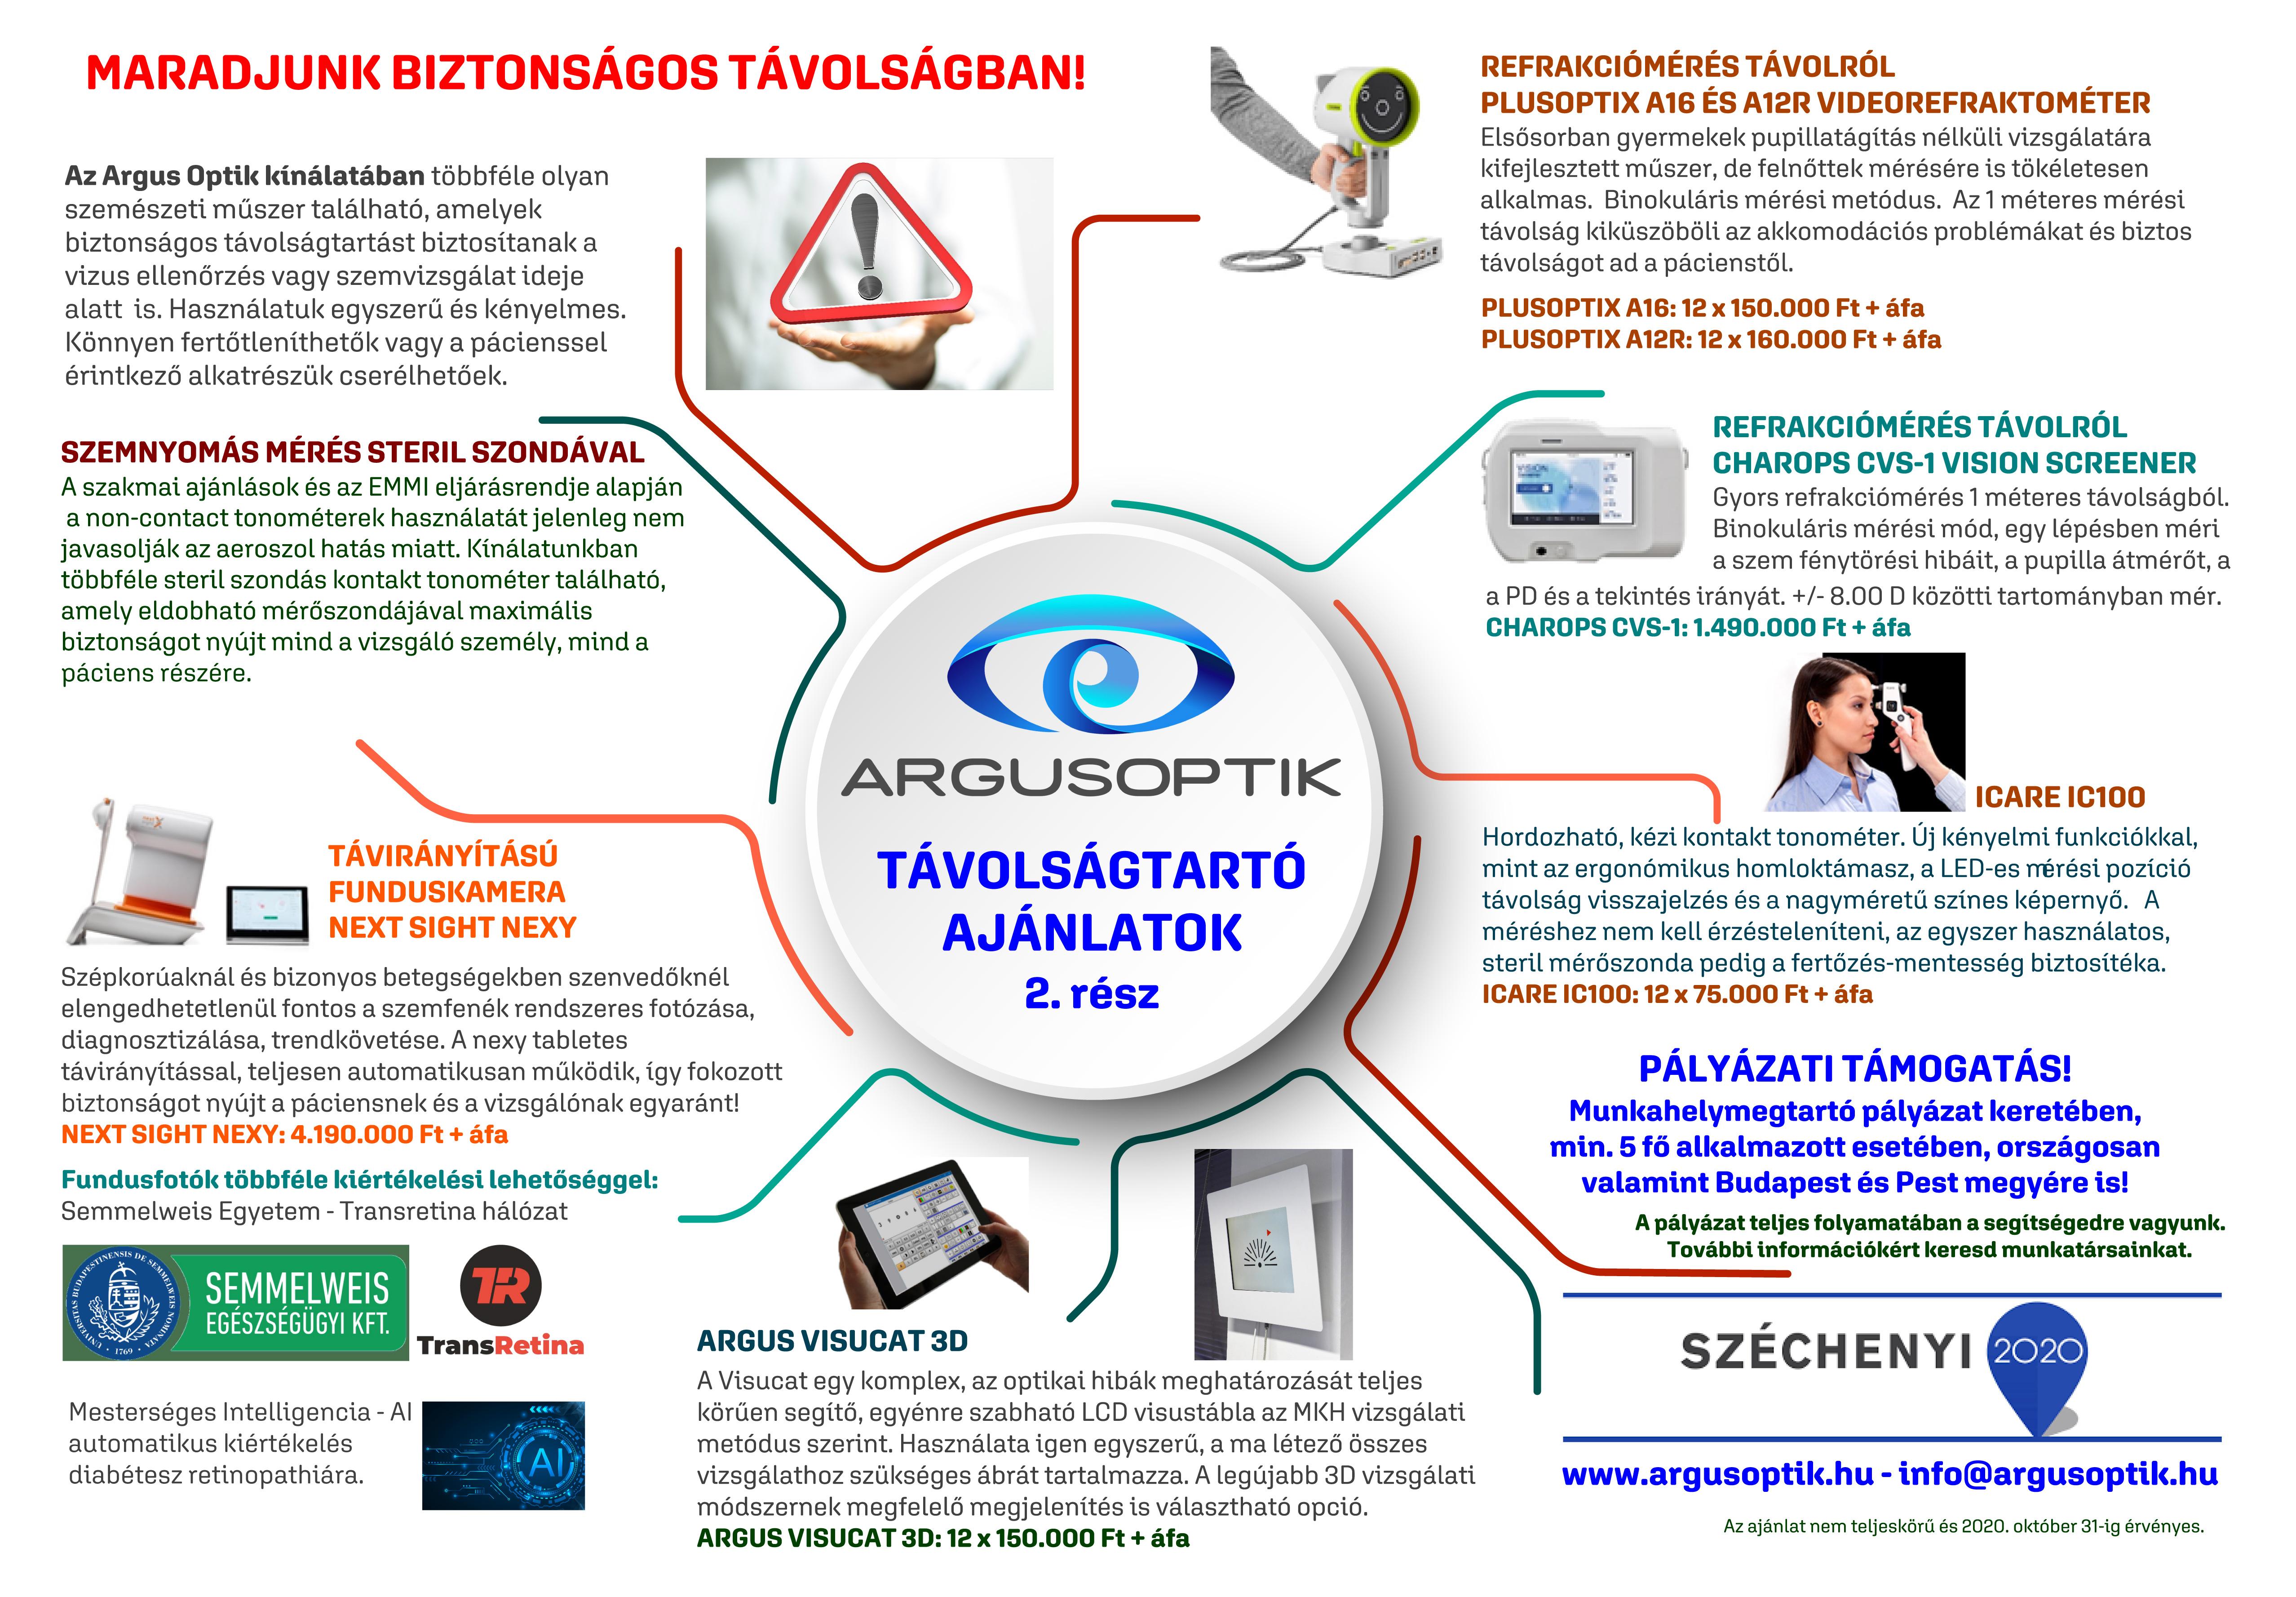 Táblázat szemészeti vizsgálathoz